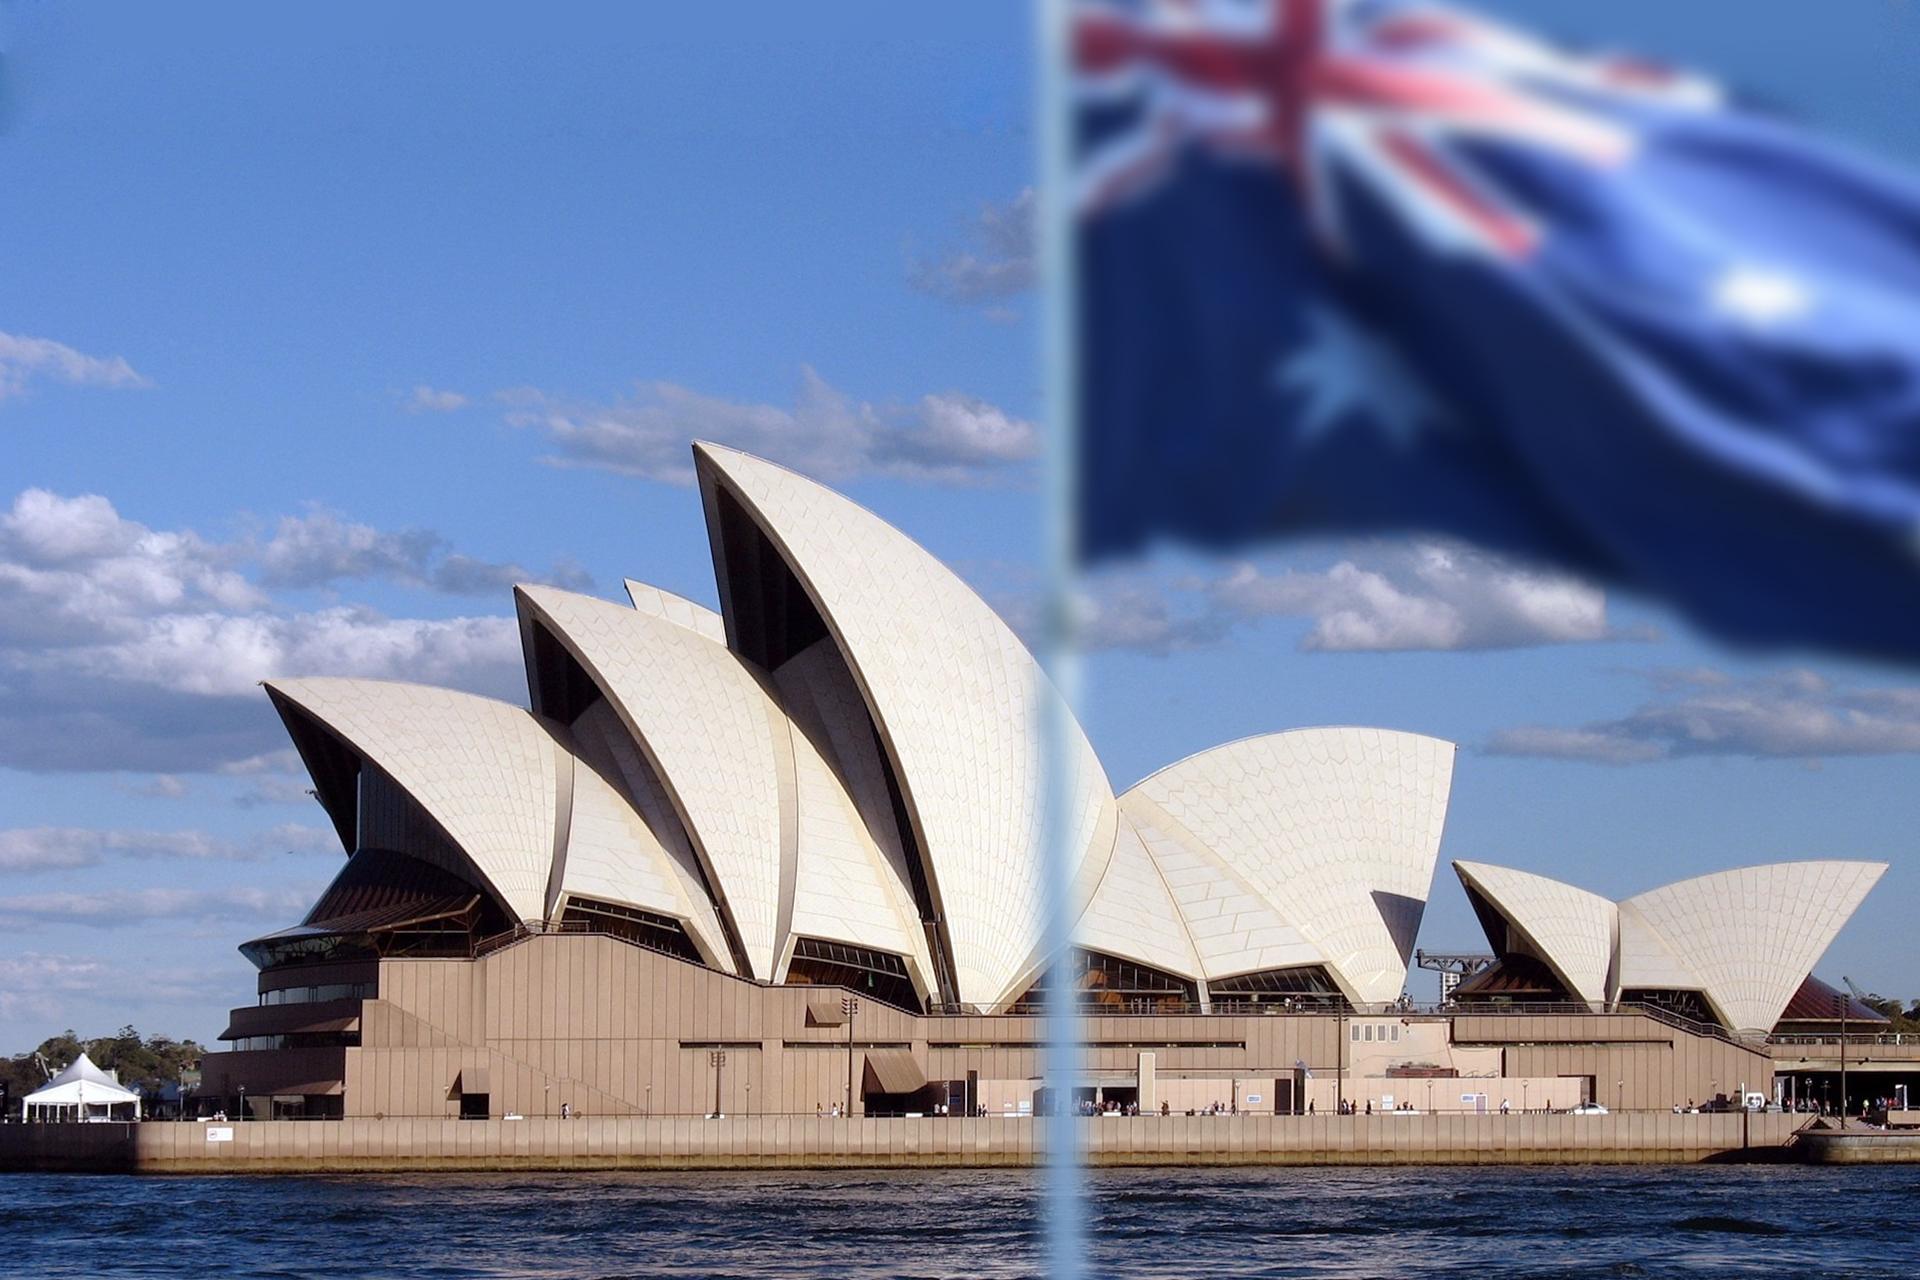 澳大利亚旅游业将损失2749亿!中国恢复8国直飞航班,澳不在其中